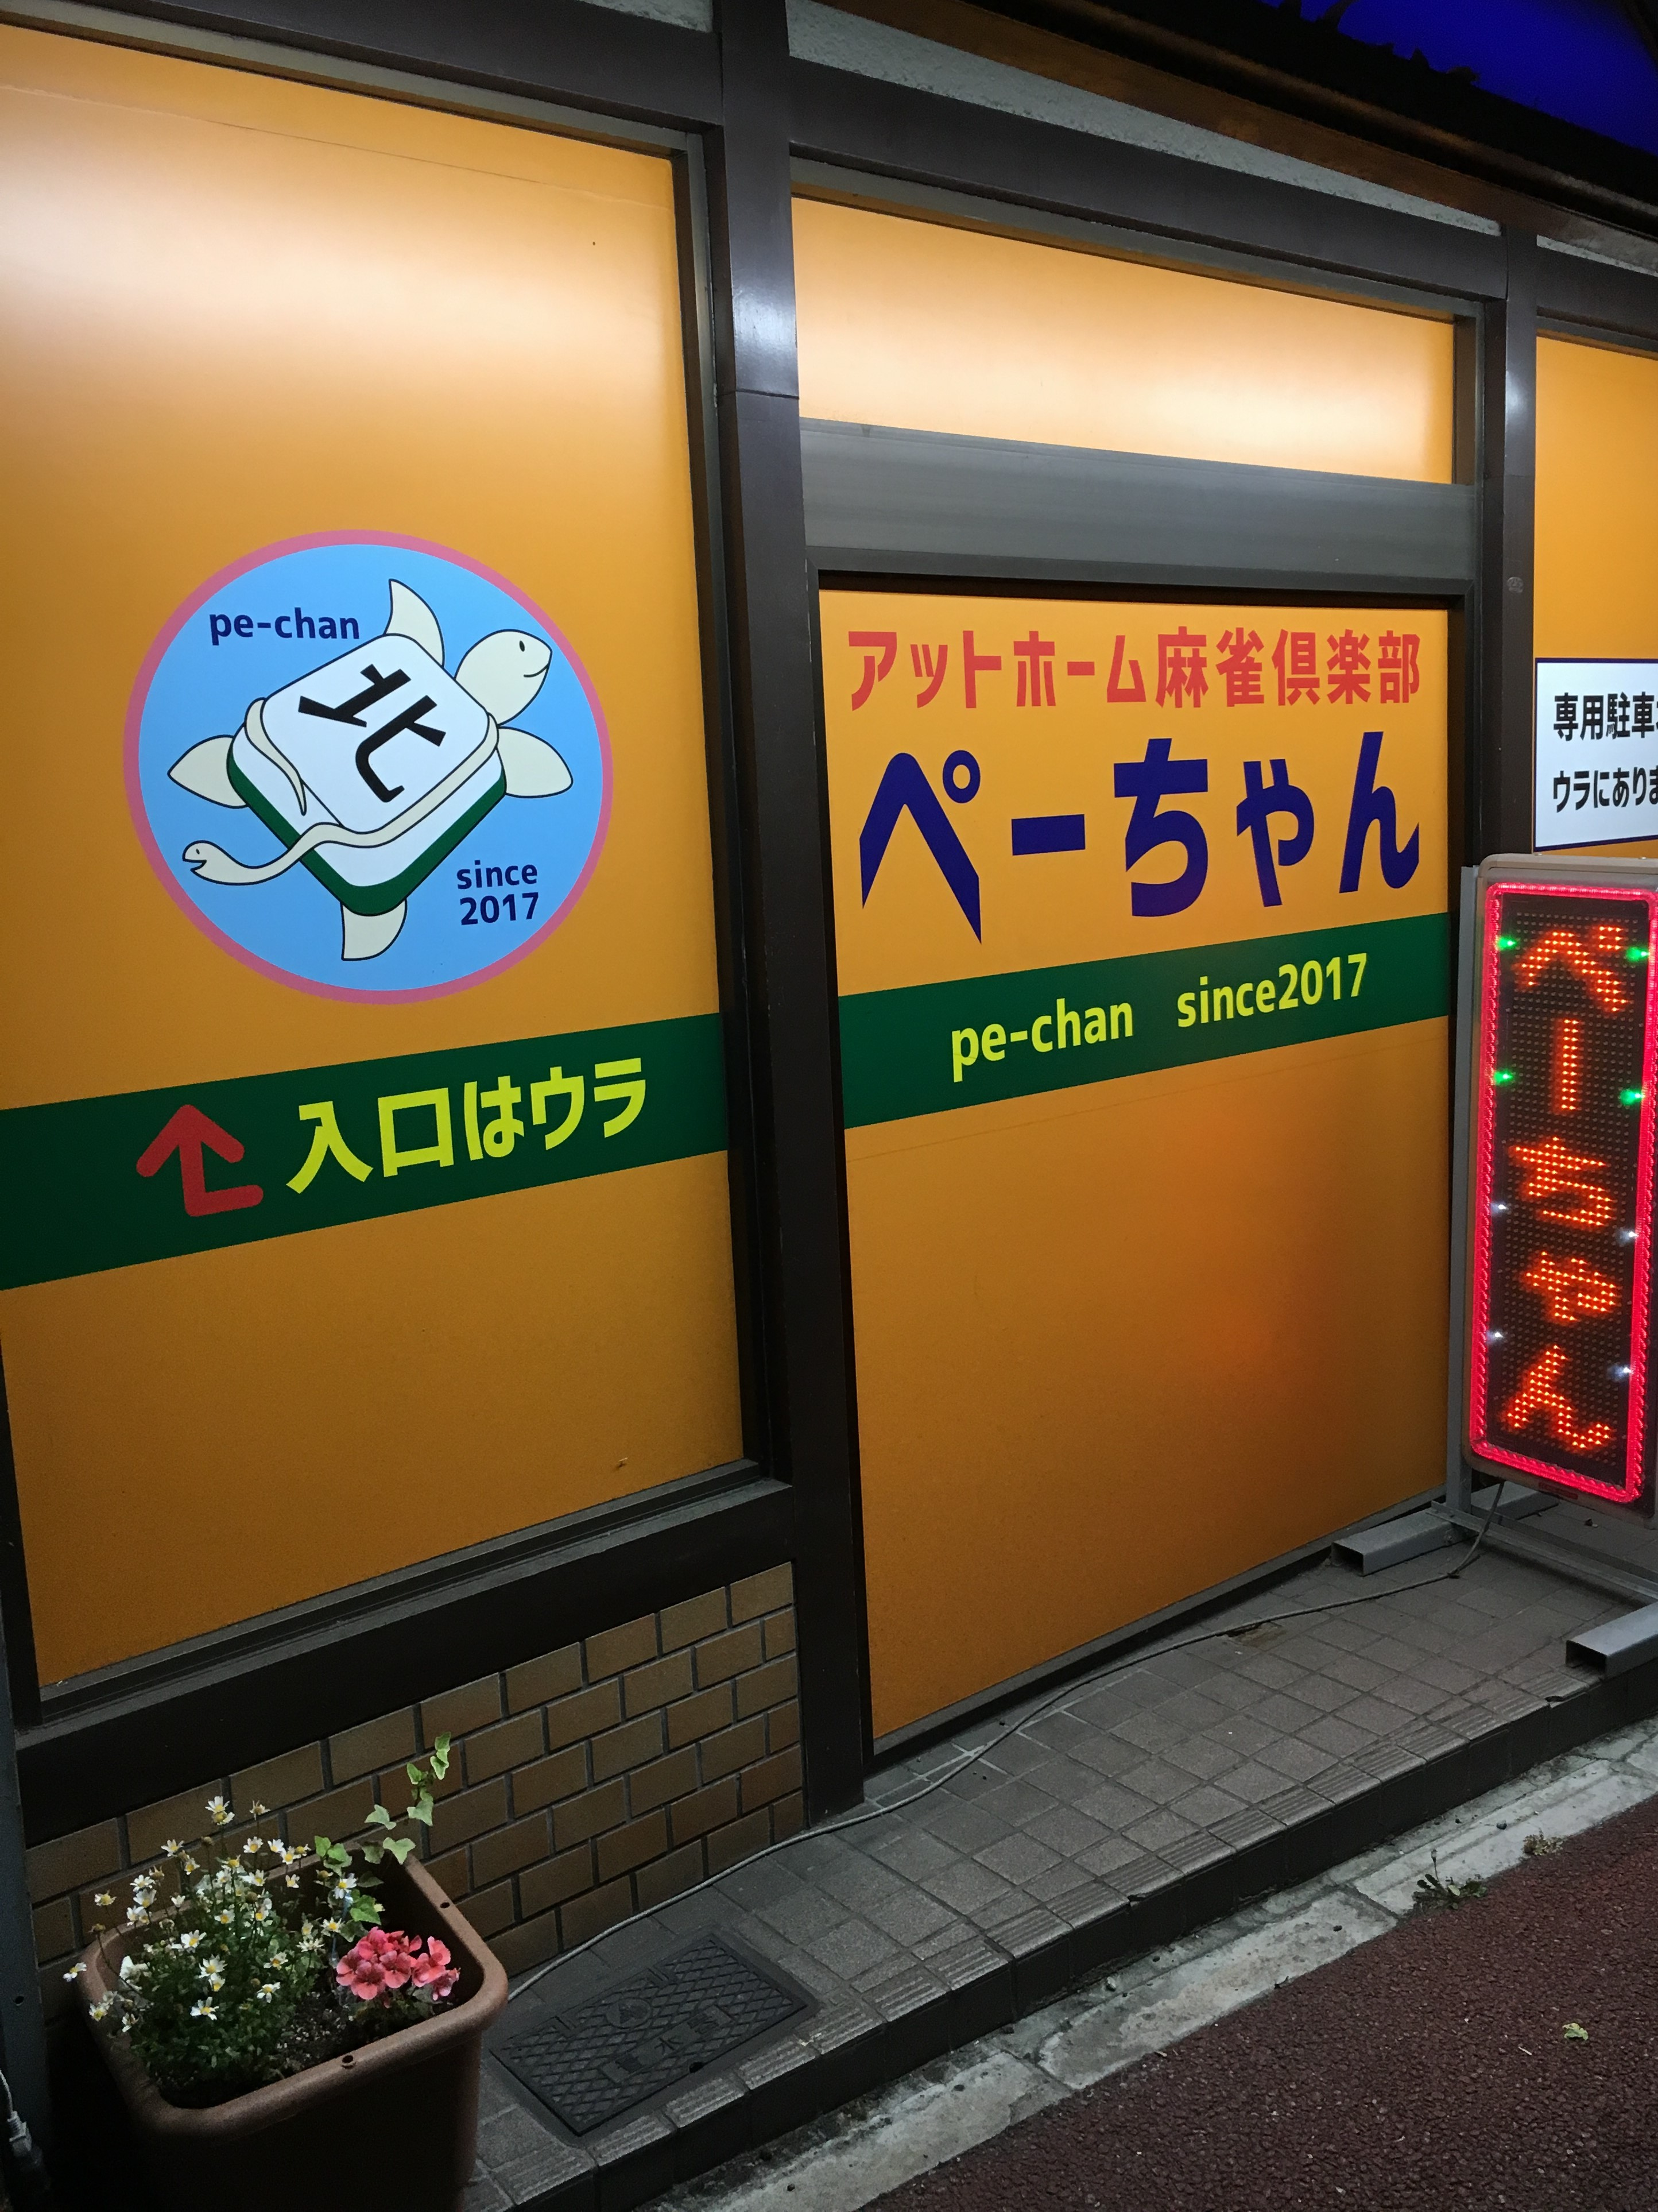 雀荘 アットホーム麻雀倶楽部ぺーちゃんの店舗ロゴ